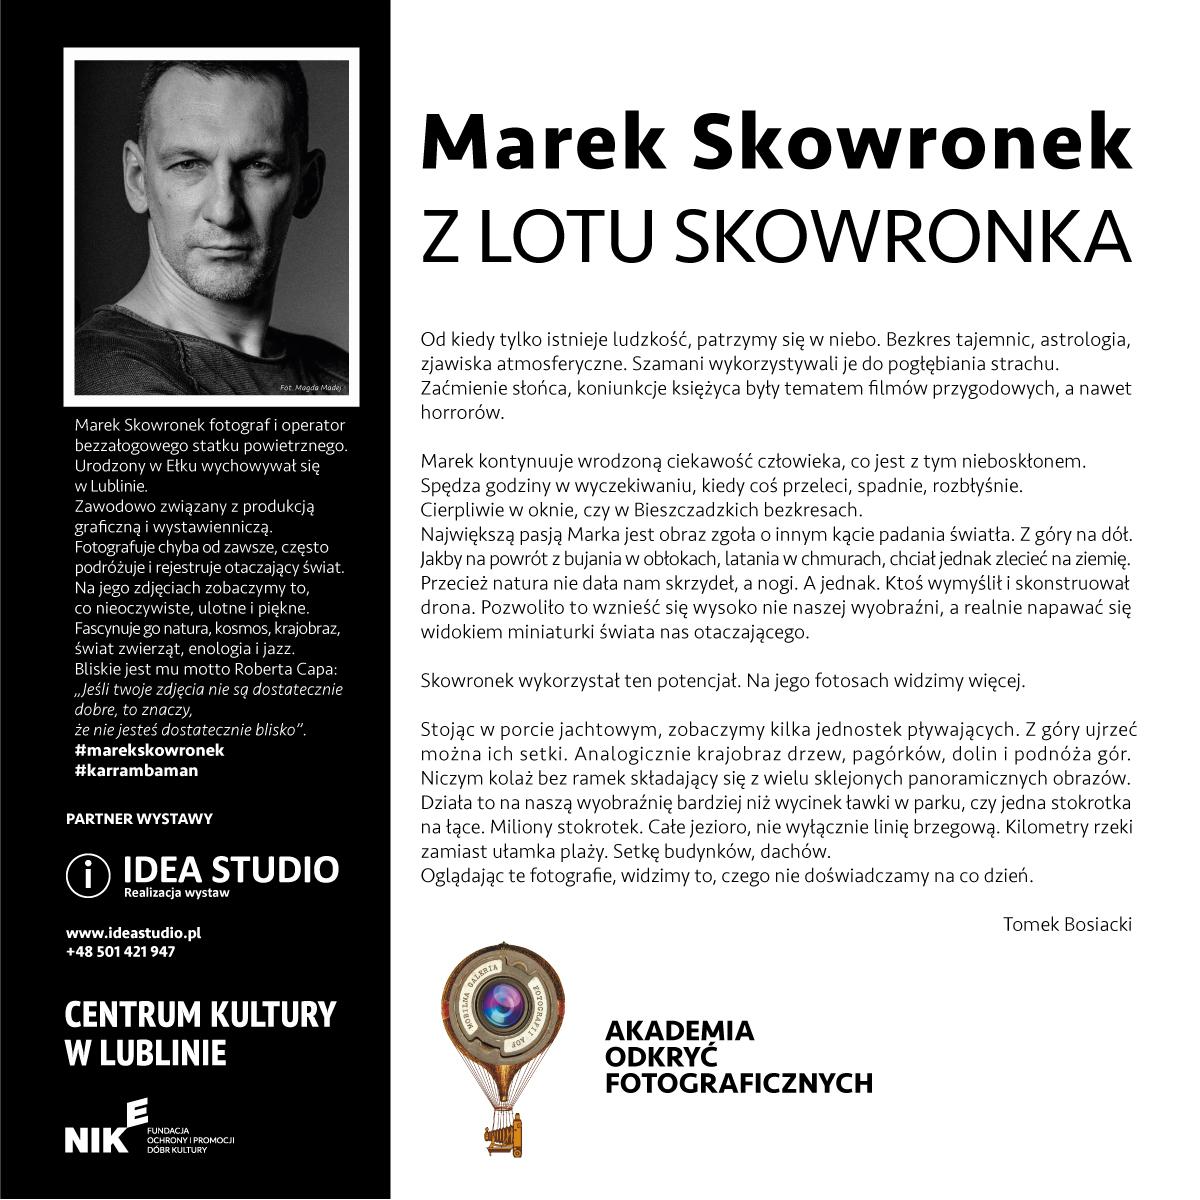 Wystawa fotografii lotniczej Marka Skowronka, AOF, Centrum Kultury w Lublinie